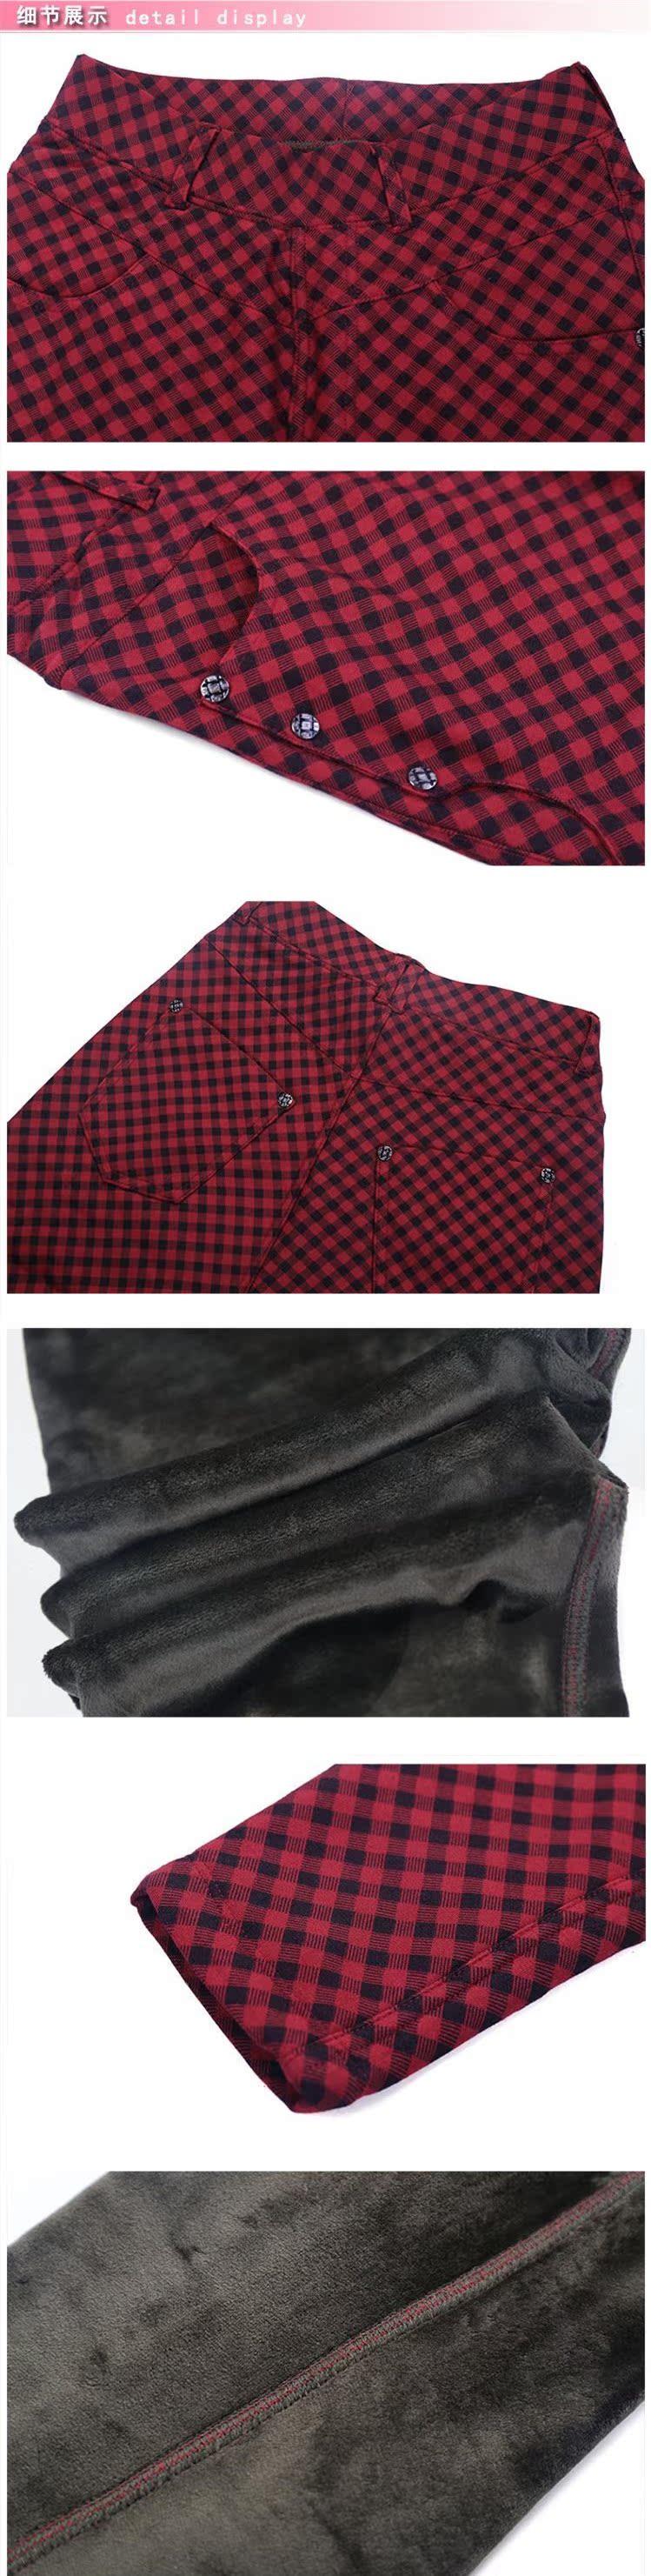 Pantalon collant Moyen-âge BN9987 en polyester, polyester,  - Ref 775880 Image 8